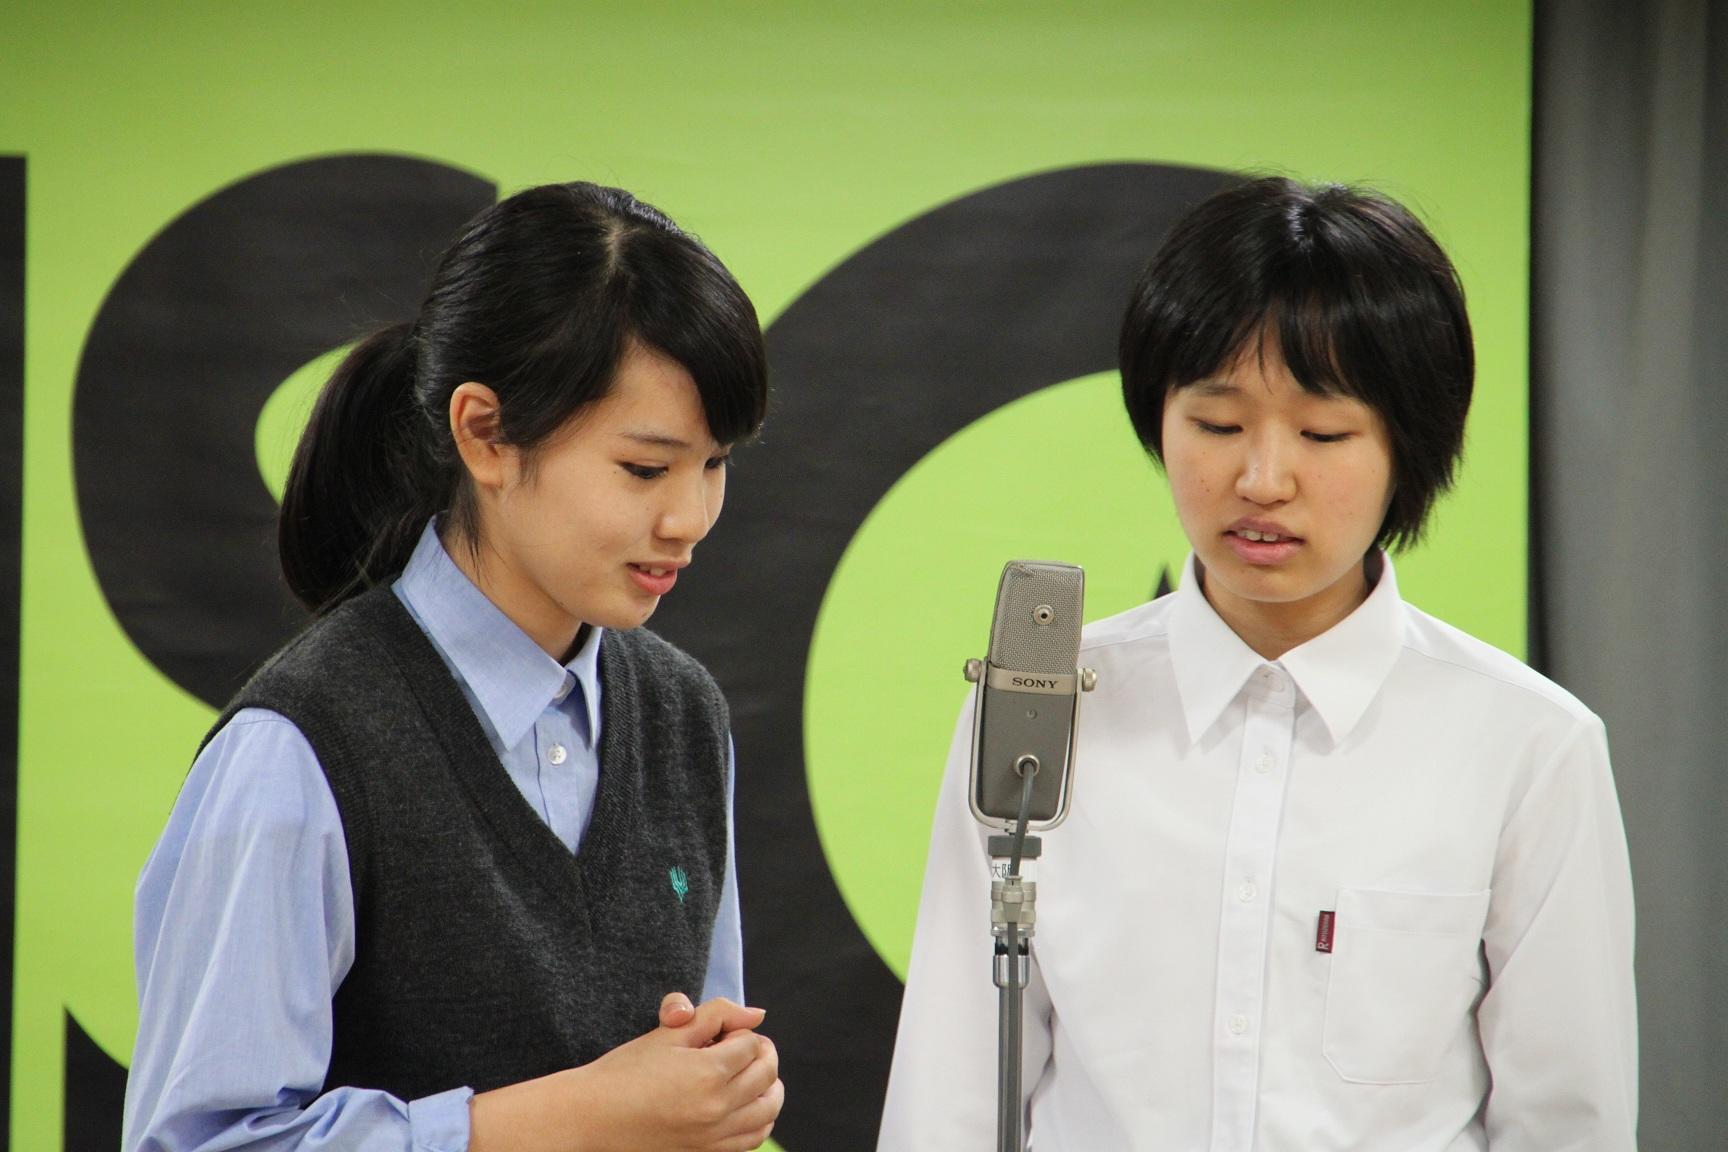 http://news.yoshimoto.co.jp/20171002190159-22e8e82828eace80885e6f76f370b7a0a7f8ba7e.jpg